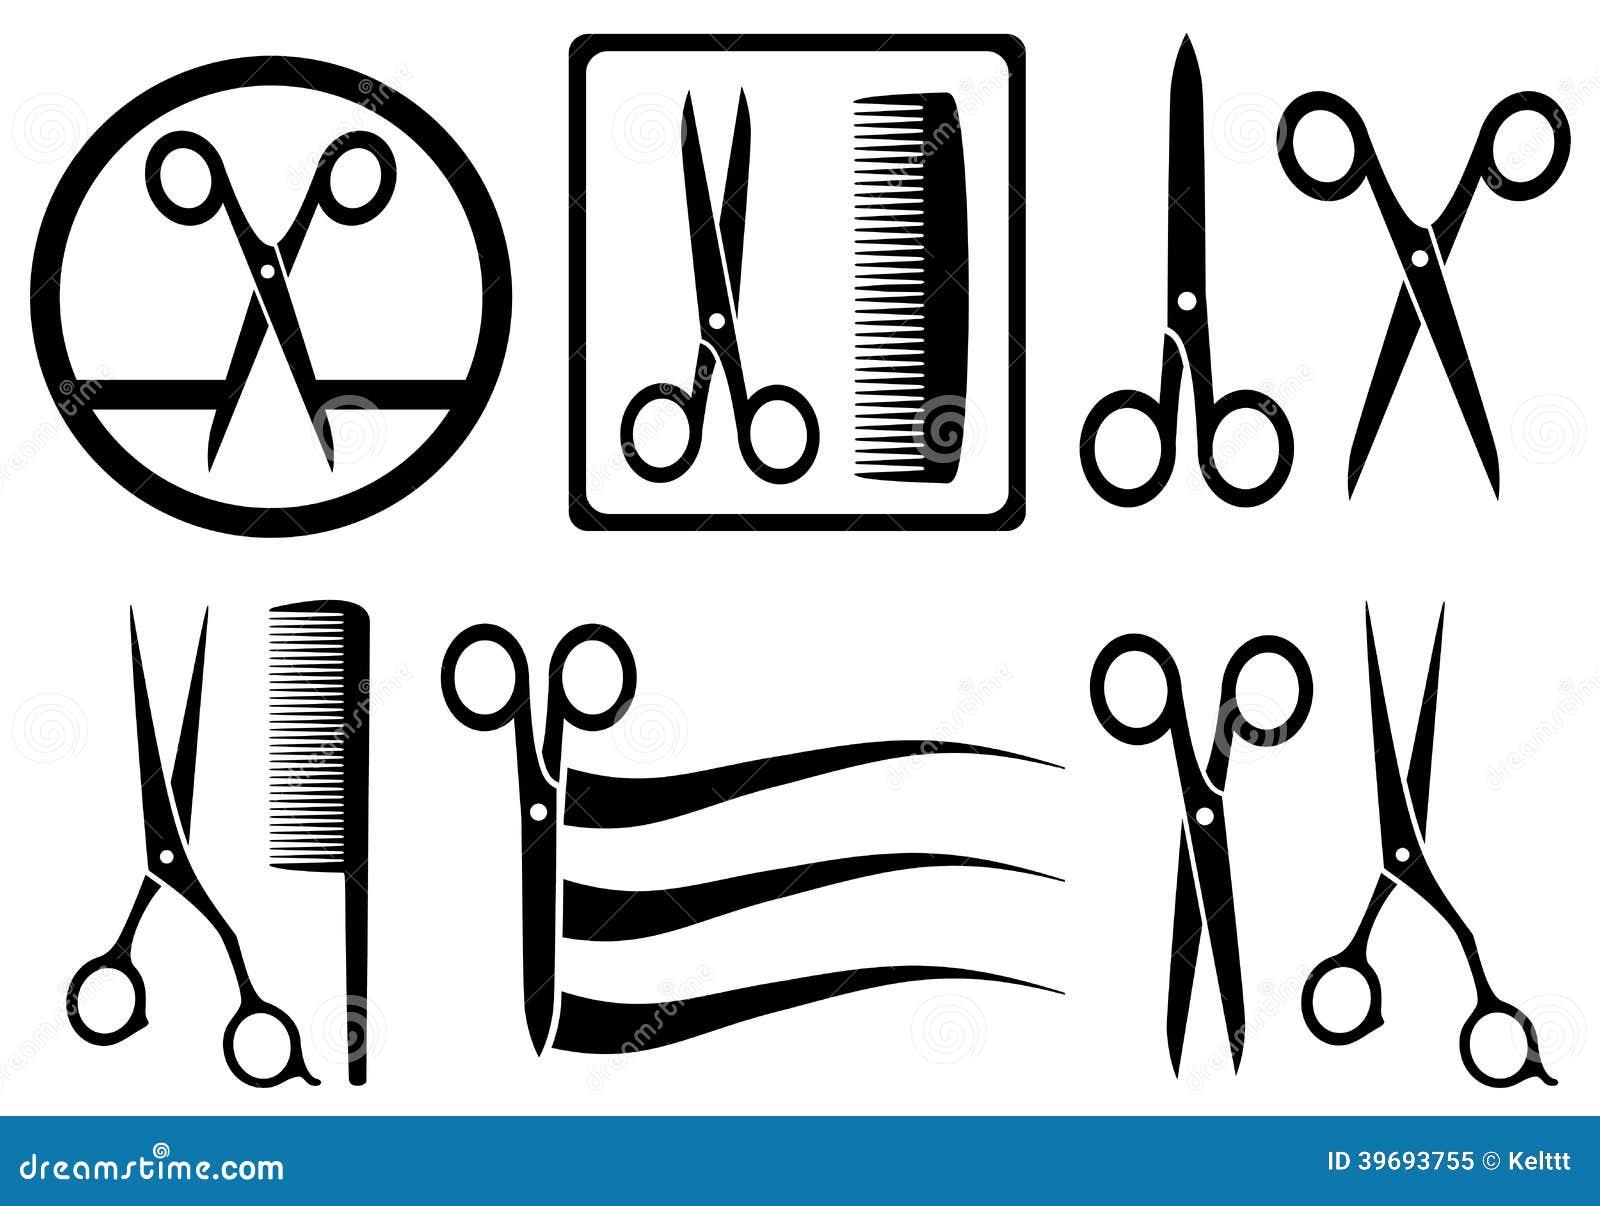 剪与梳子的象发廊的图片